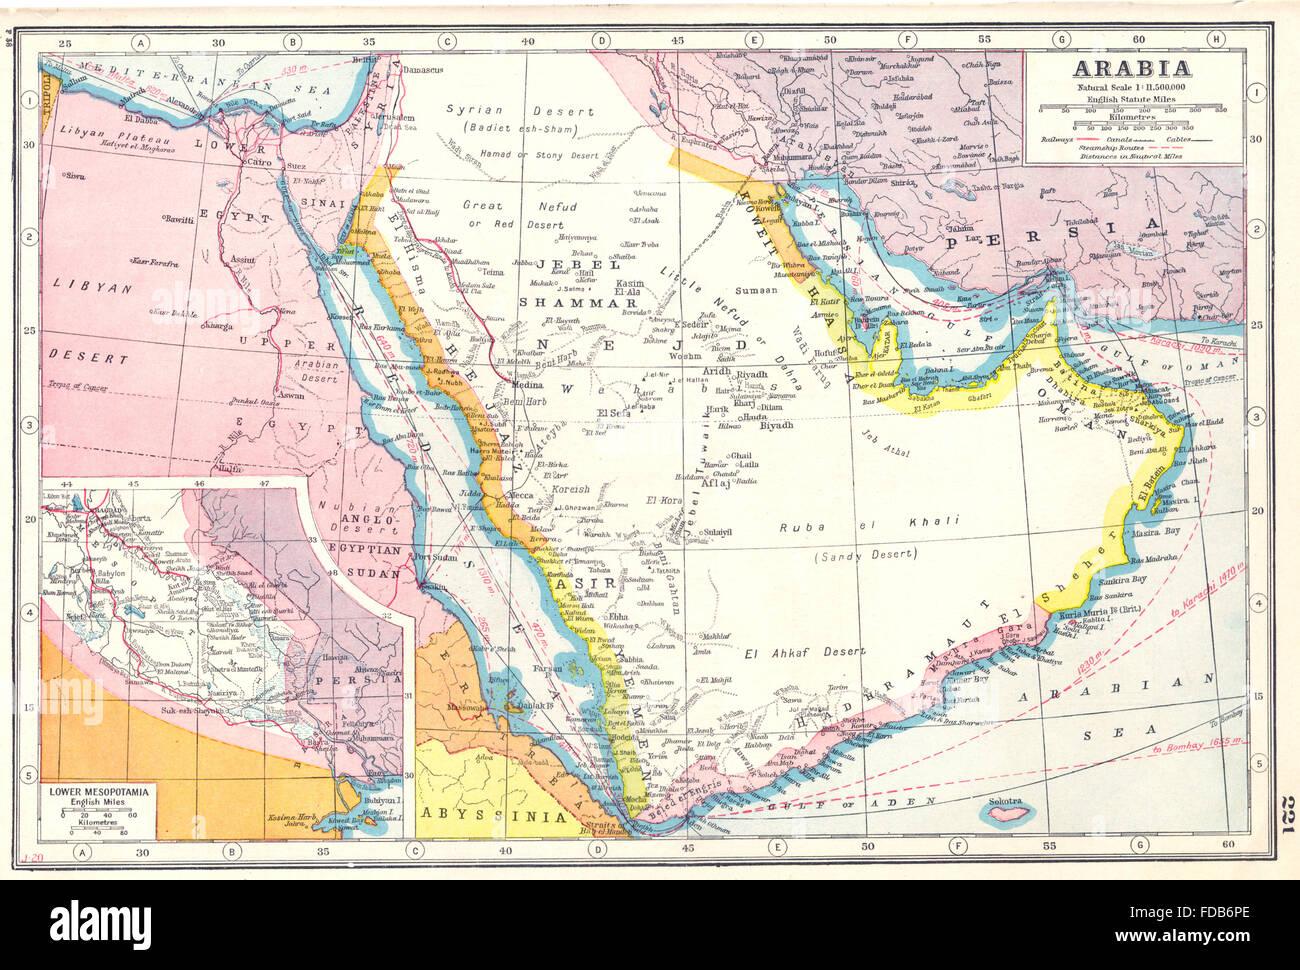 Arabia Saudi Arabia Uae Oman Yemen Inset Lower Mesopotamia Iraq – Map of Uae and Saudi Arabia